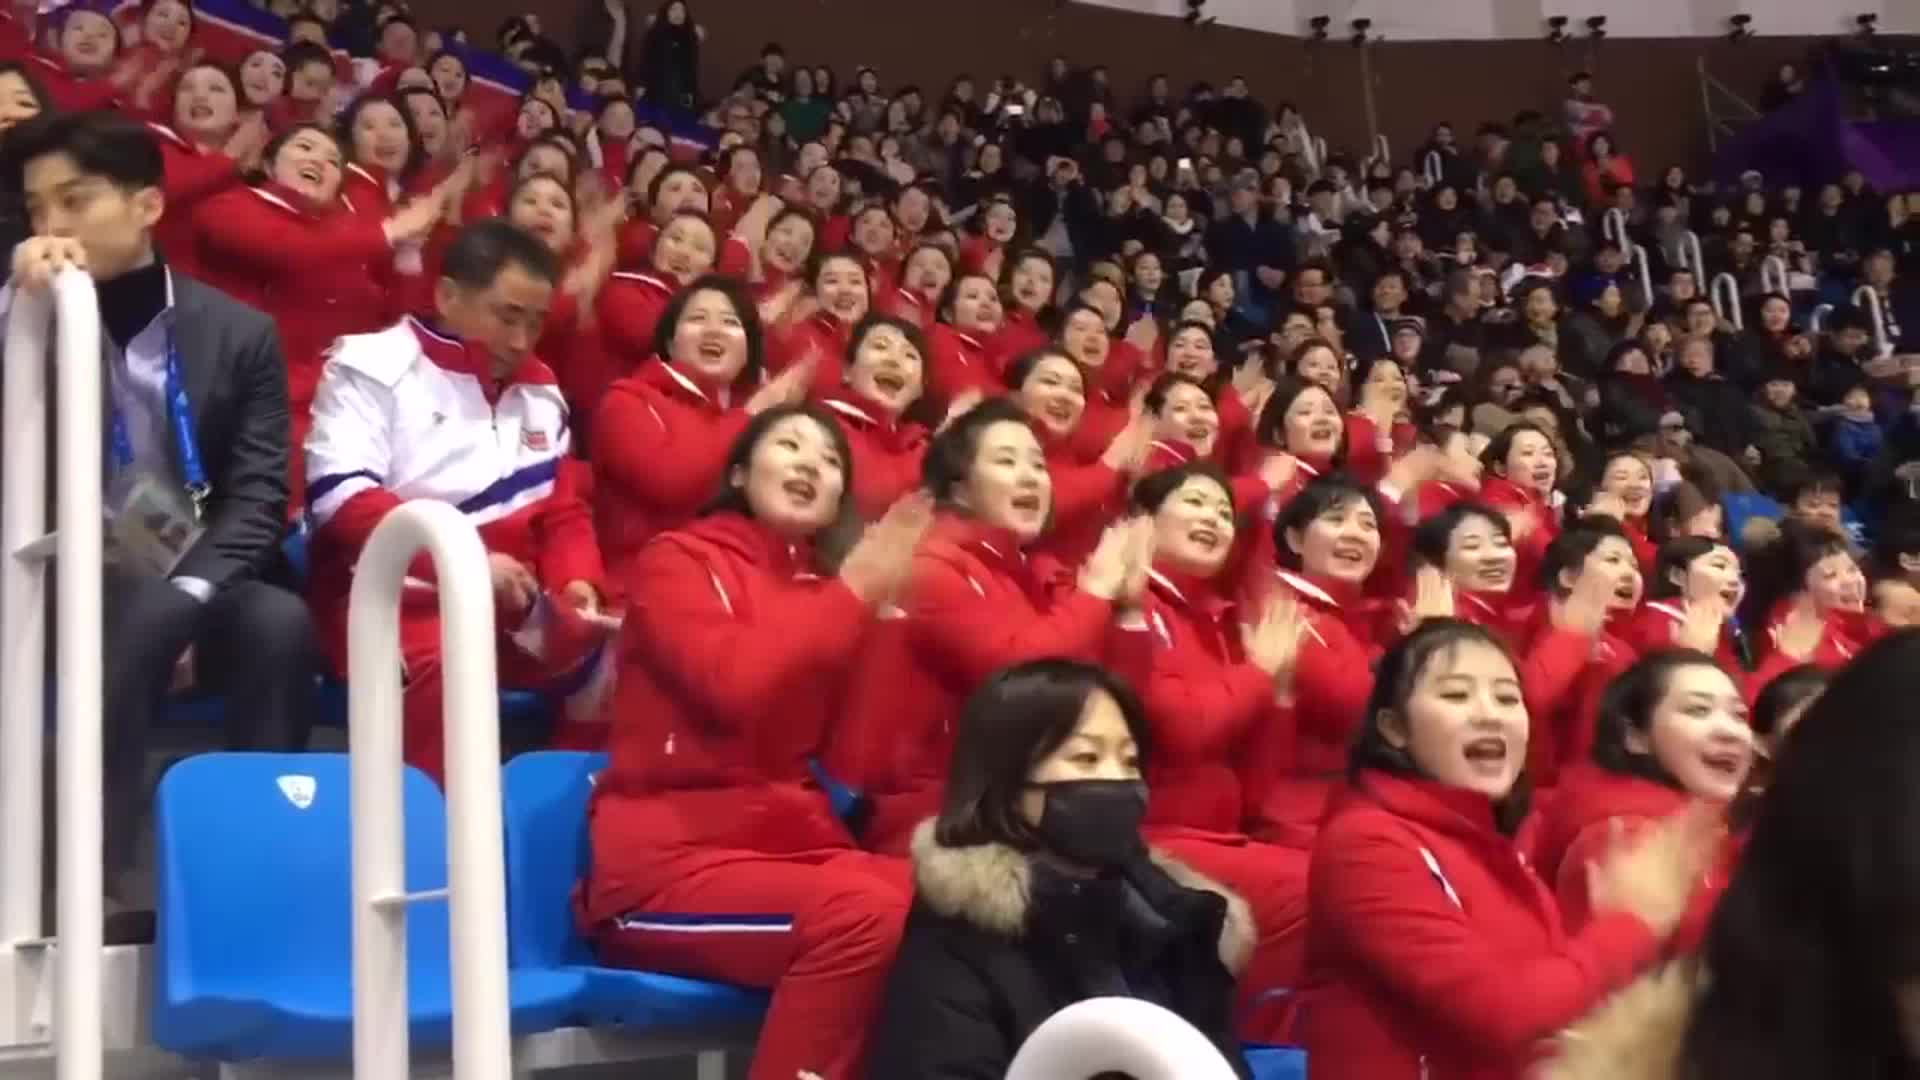 NK Cheerleaders GIFs